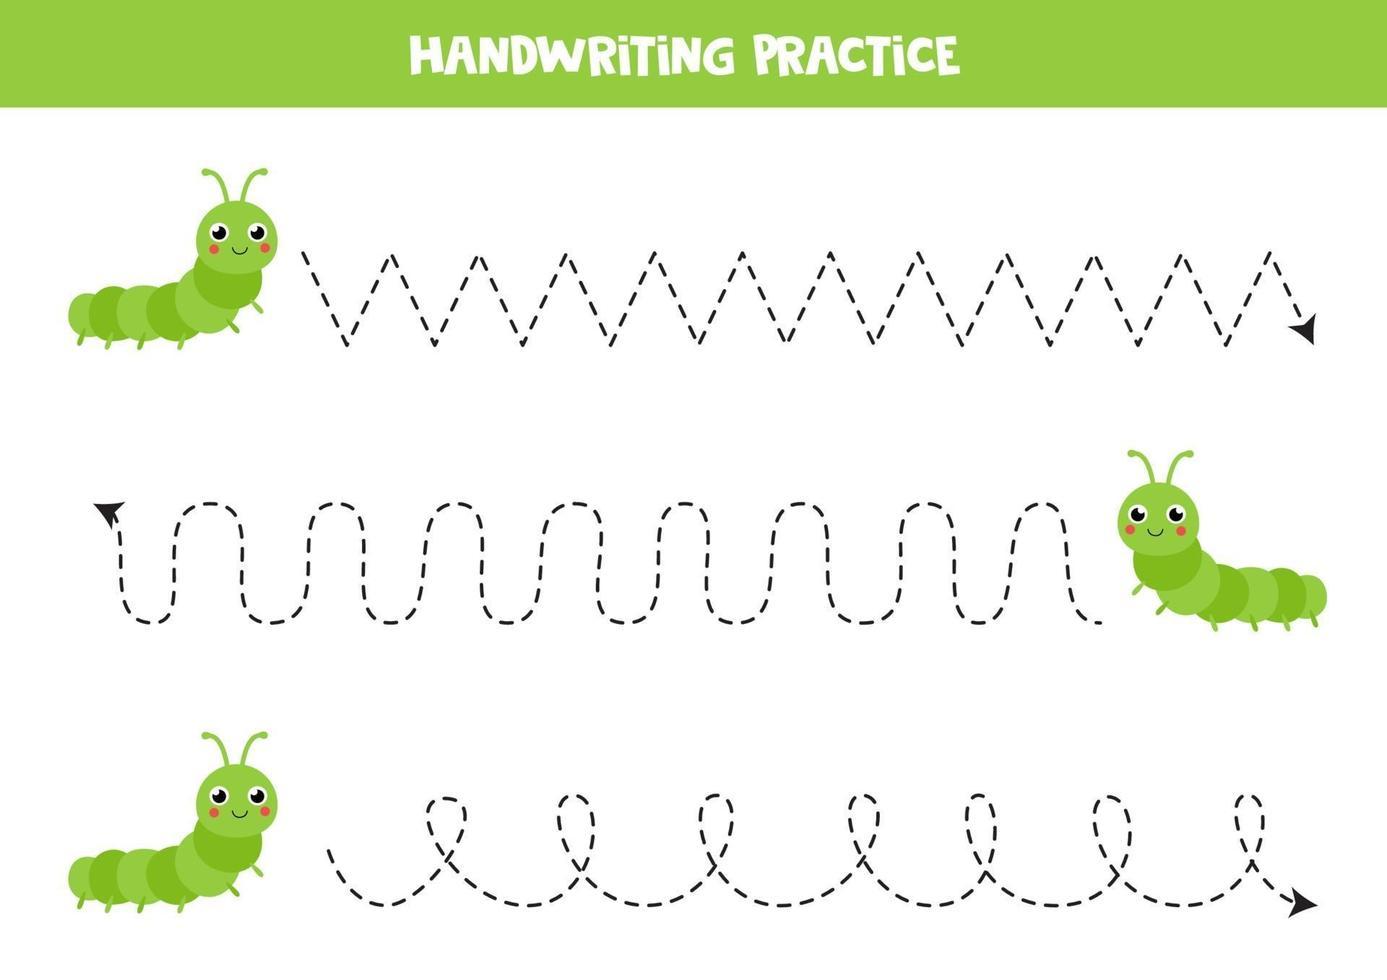 traza las líneas con lindas orugas. Practica de la escritura. vector